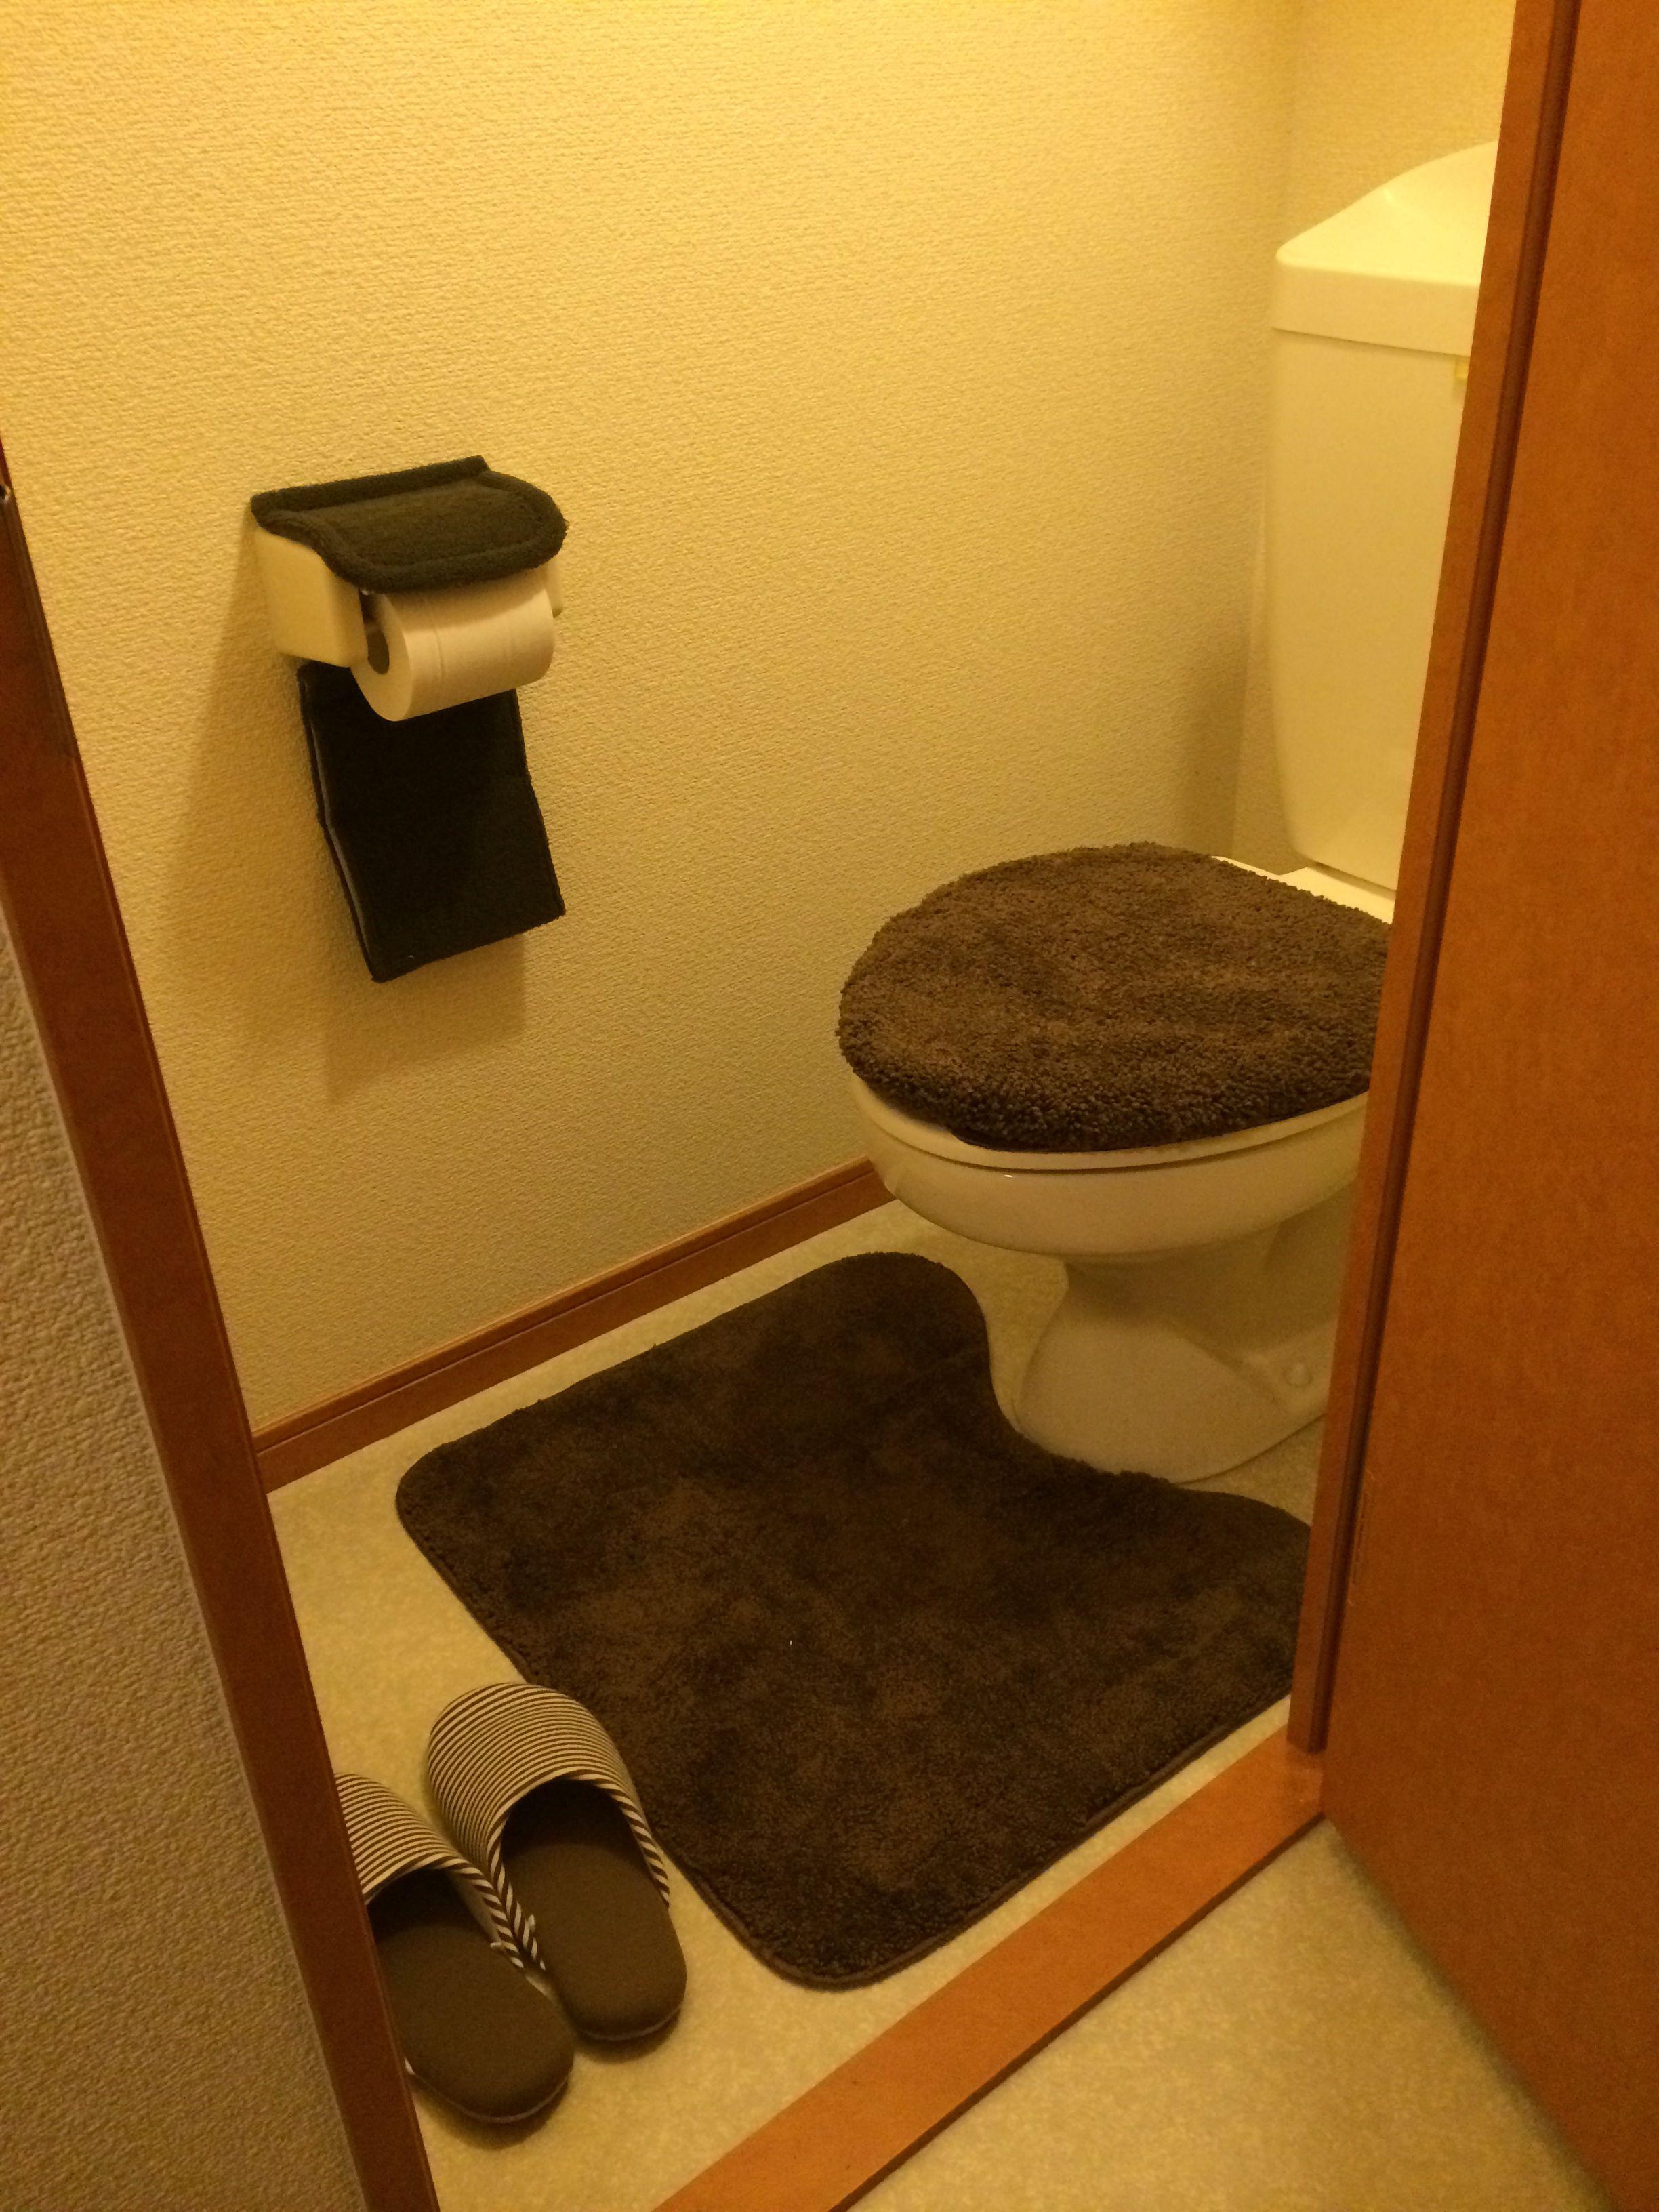 トイレ レオパレス 無印 ニトリ タイル貼りのバスルーム レオパレス